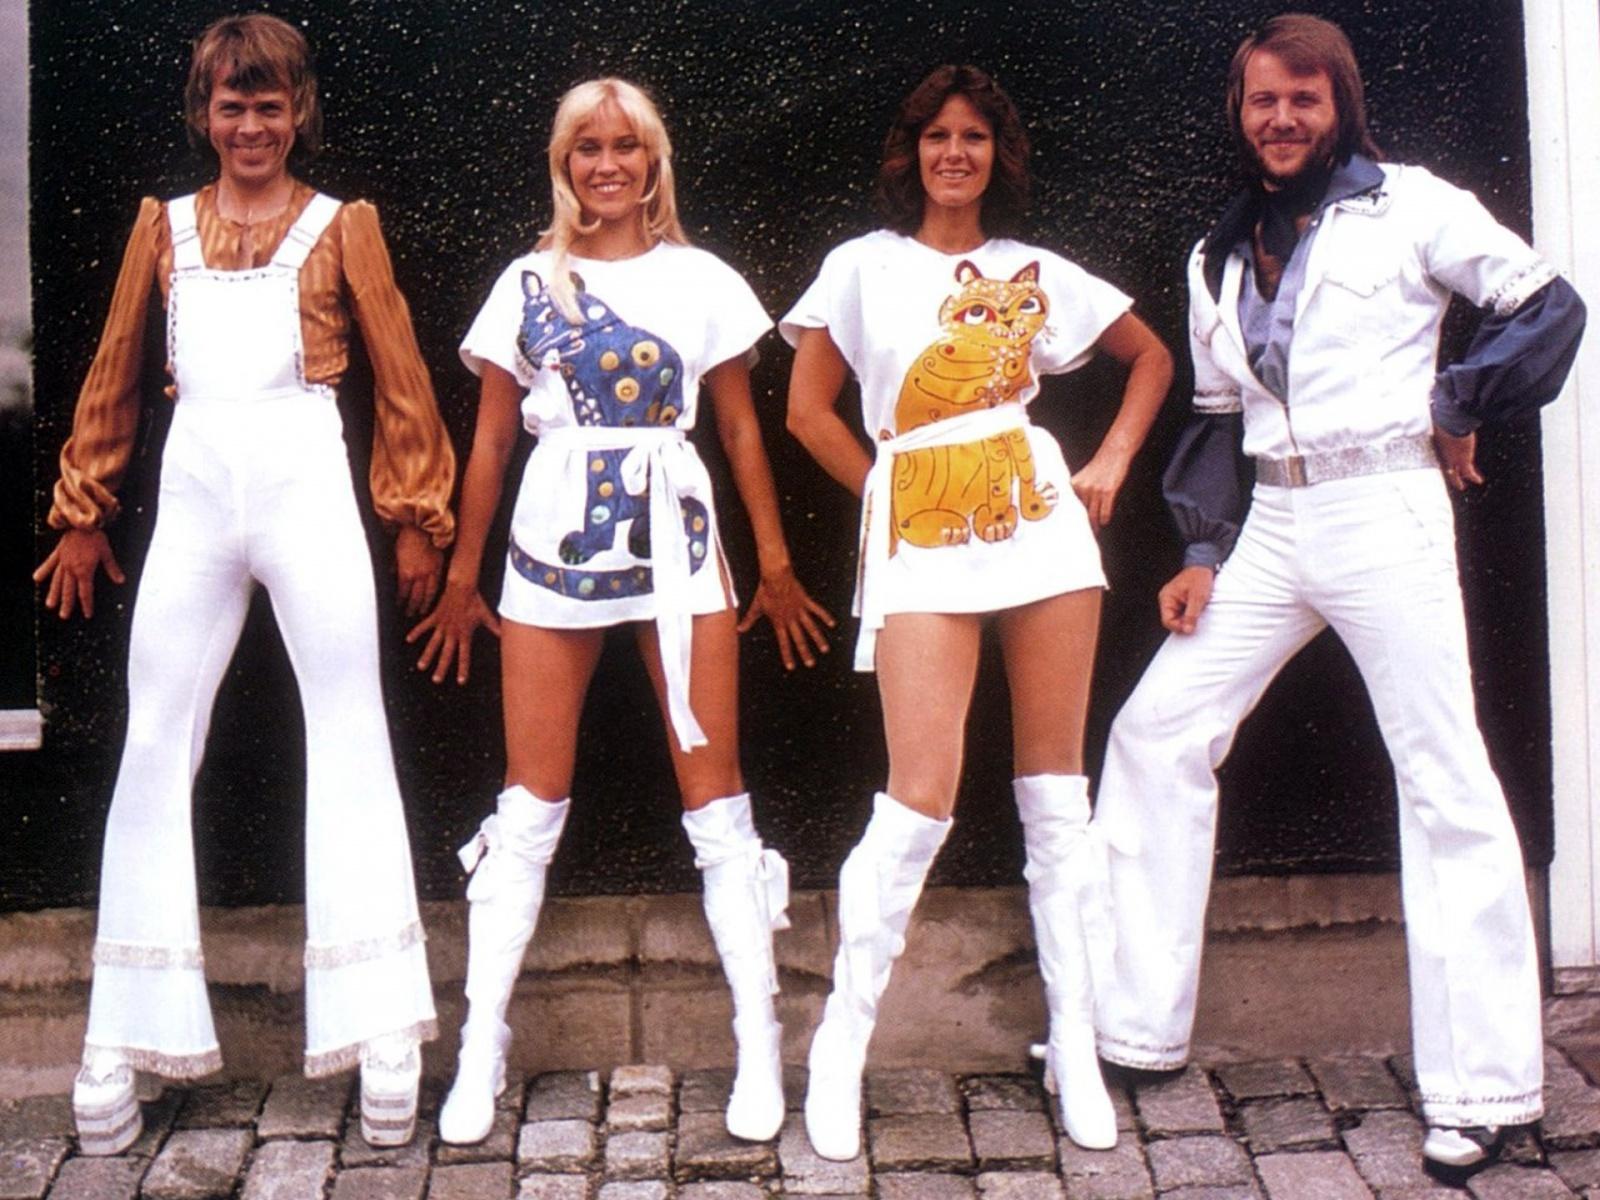 O começo do uso das roupas extravagantes: Björn, Agnetha, Anni-Frid e Benny